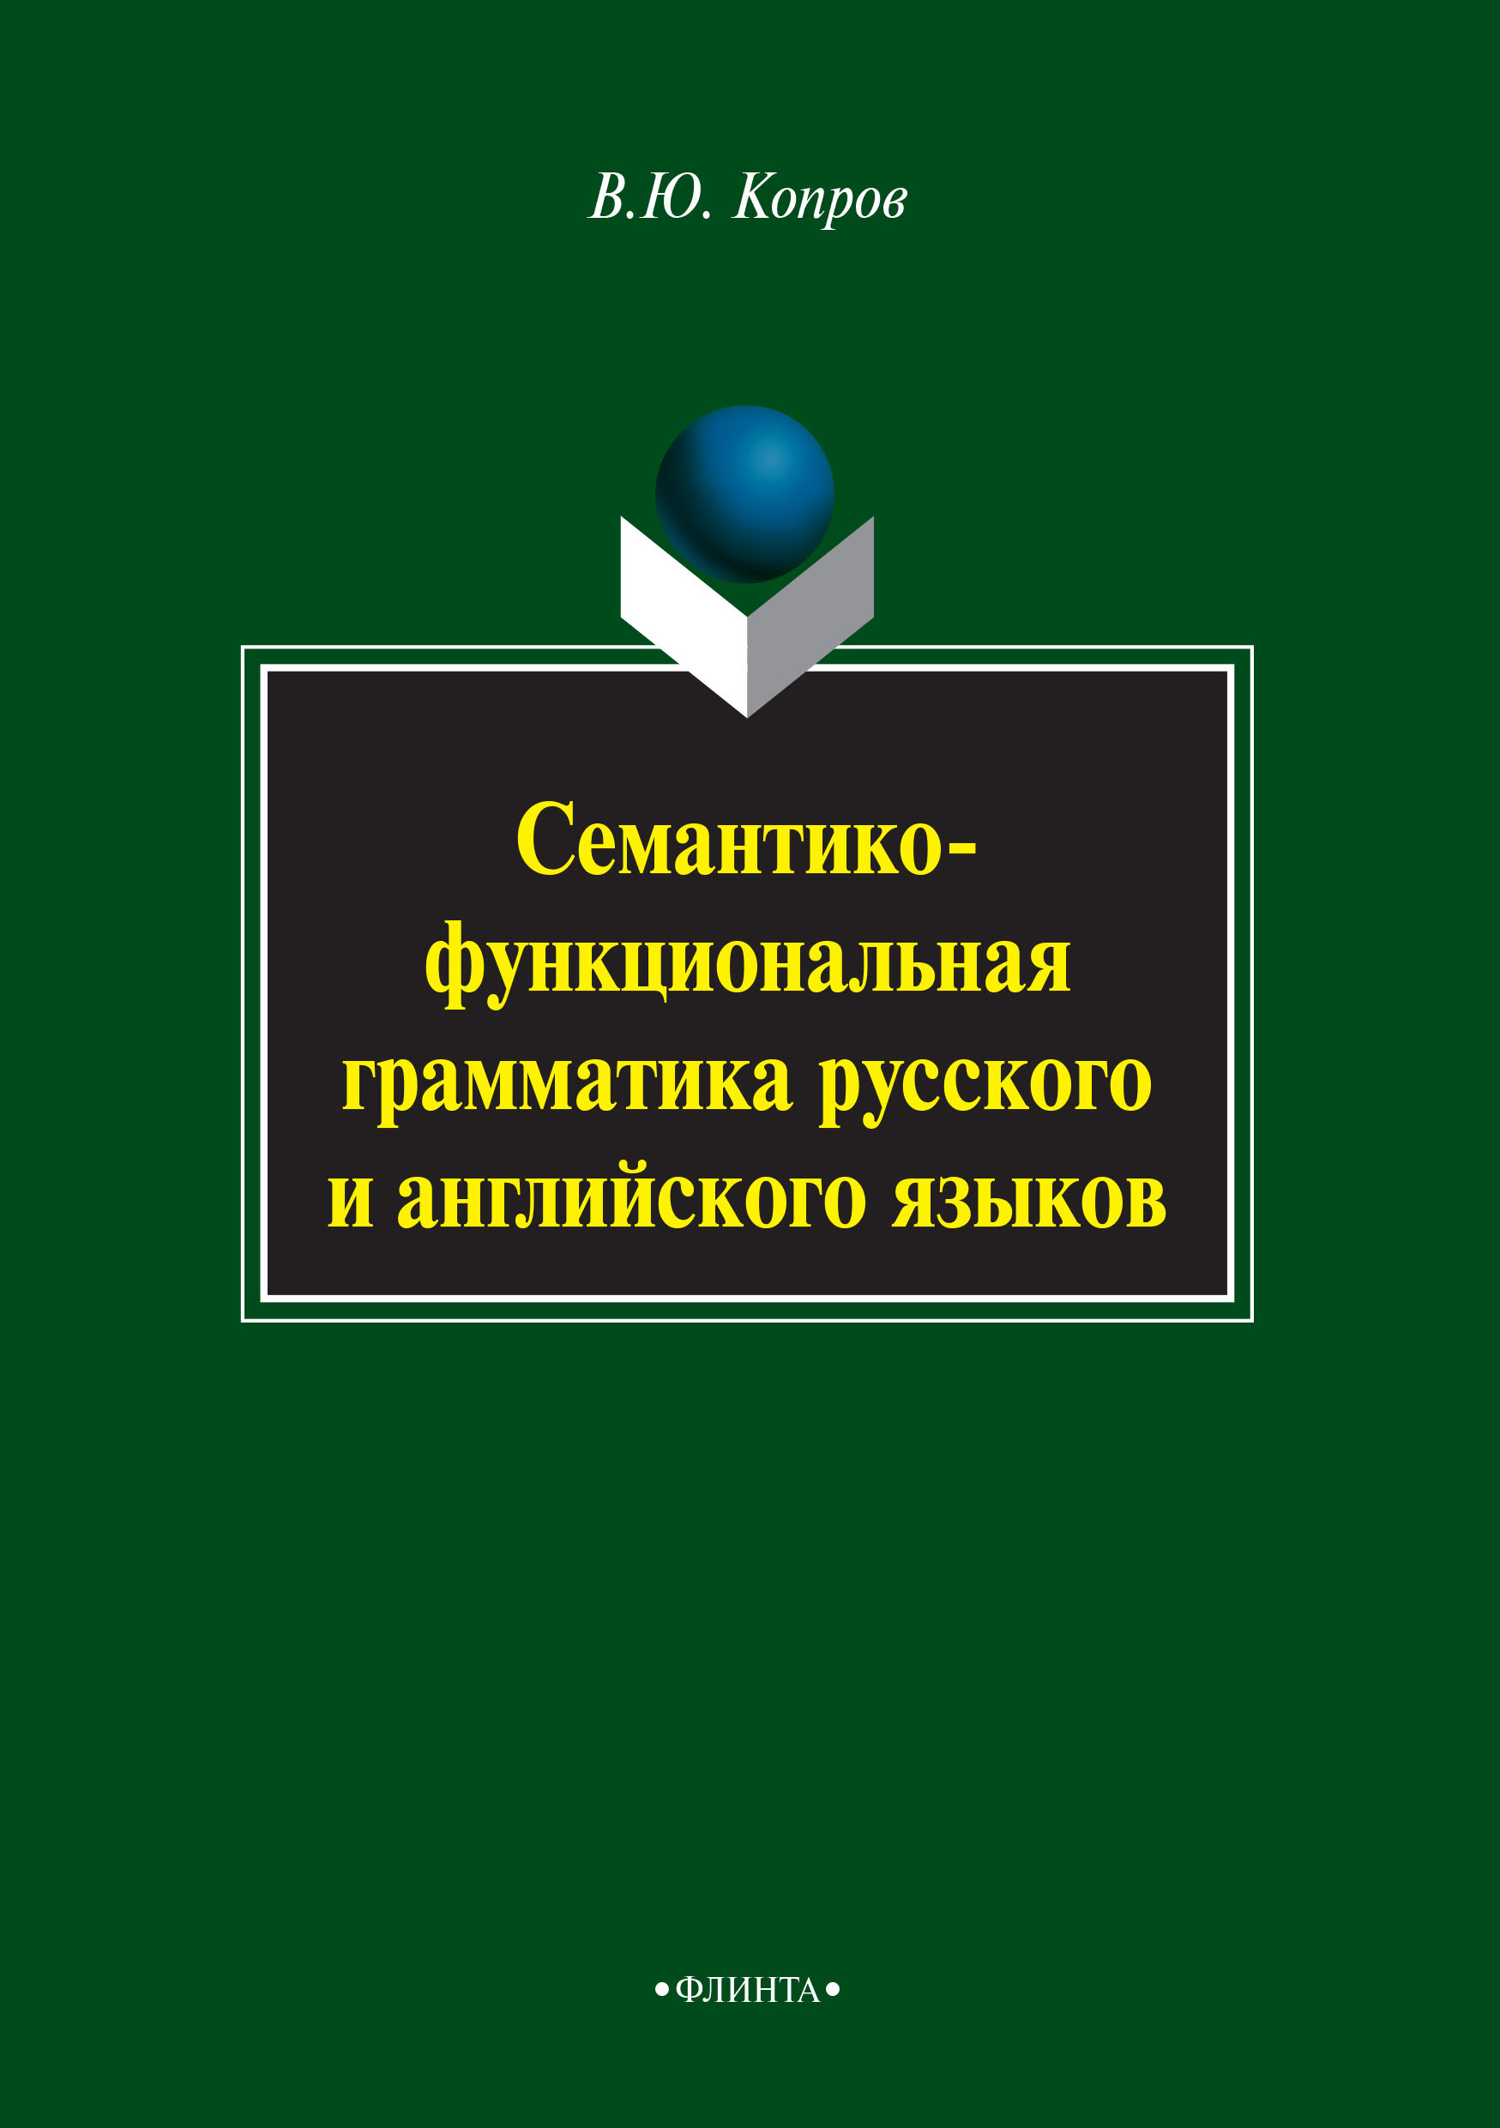 Виктор Копров Семантико-функциональная грамматика русского и английского языков тошович бранко экспрессивный синтаксис глагола русского и сербского хорватского языков